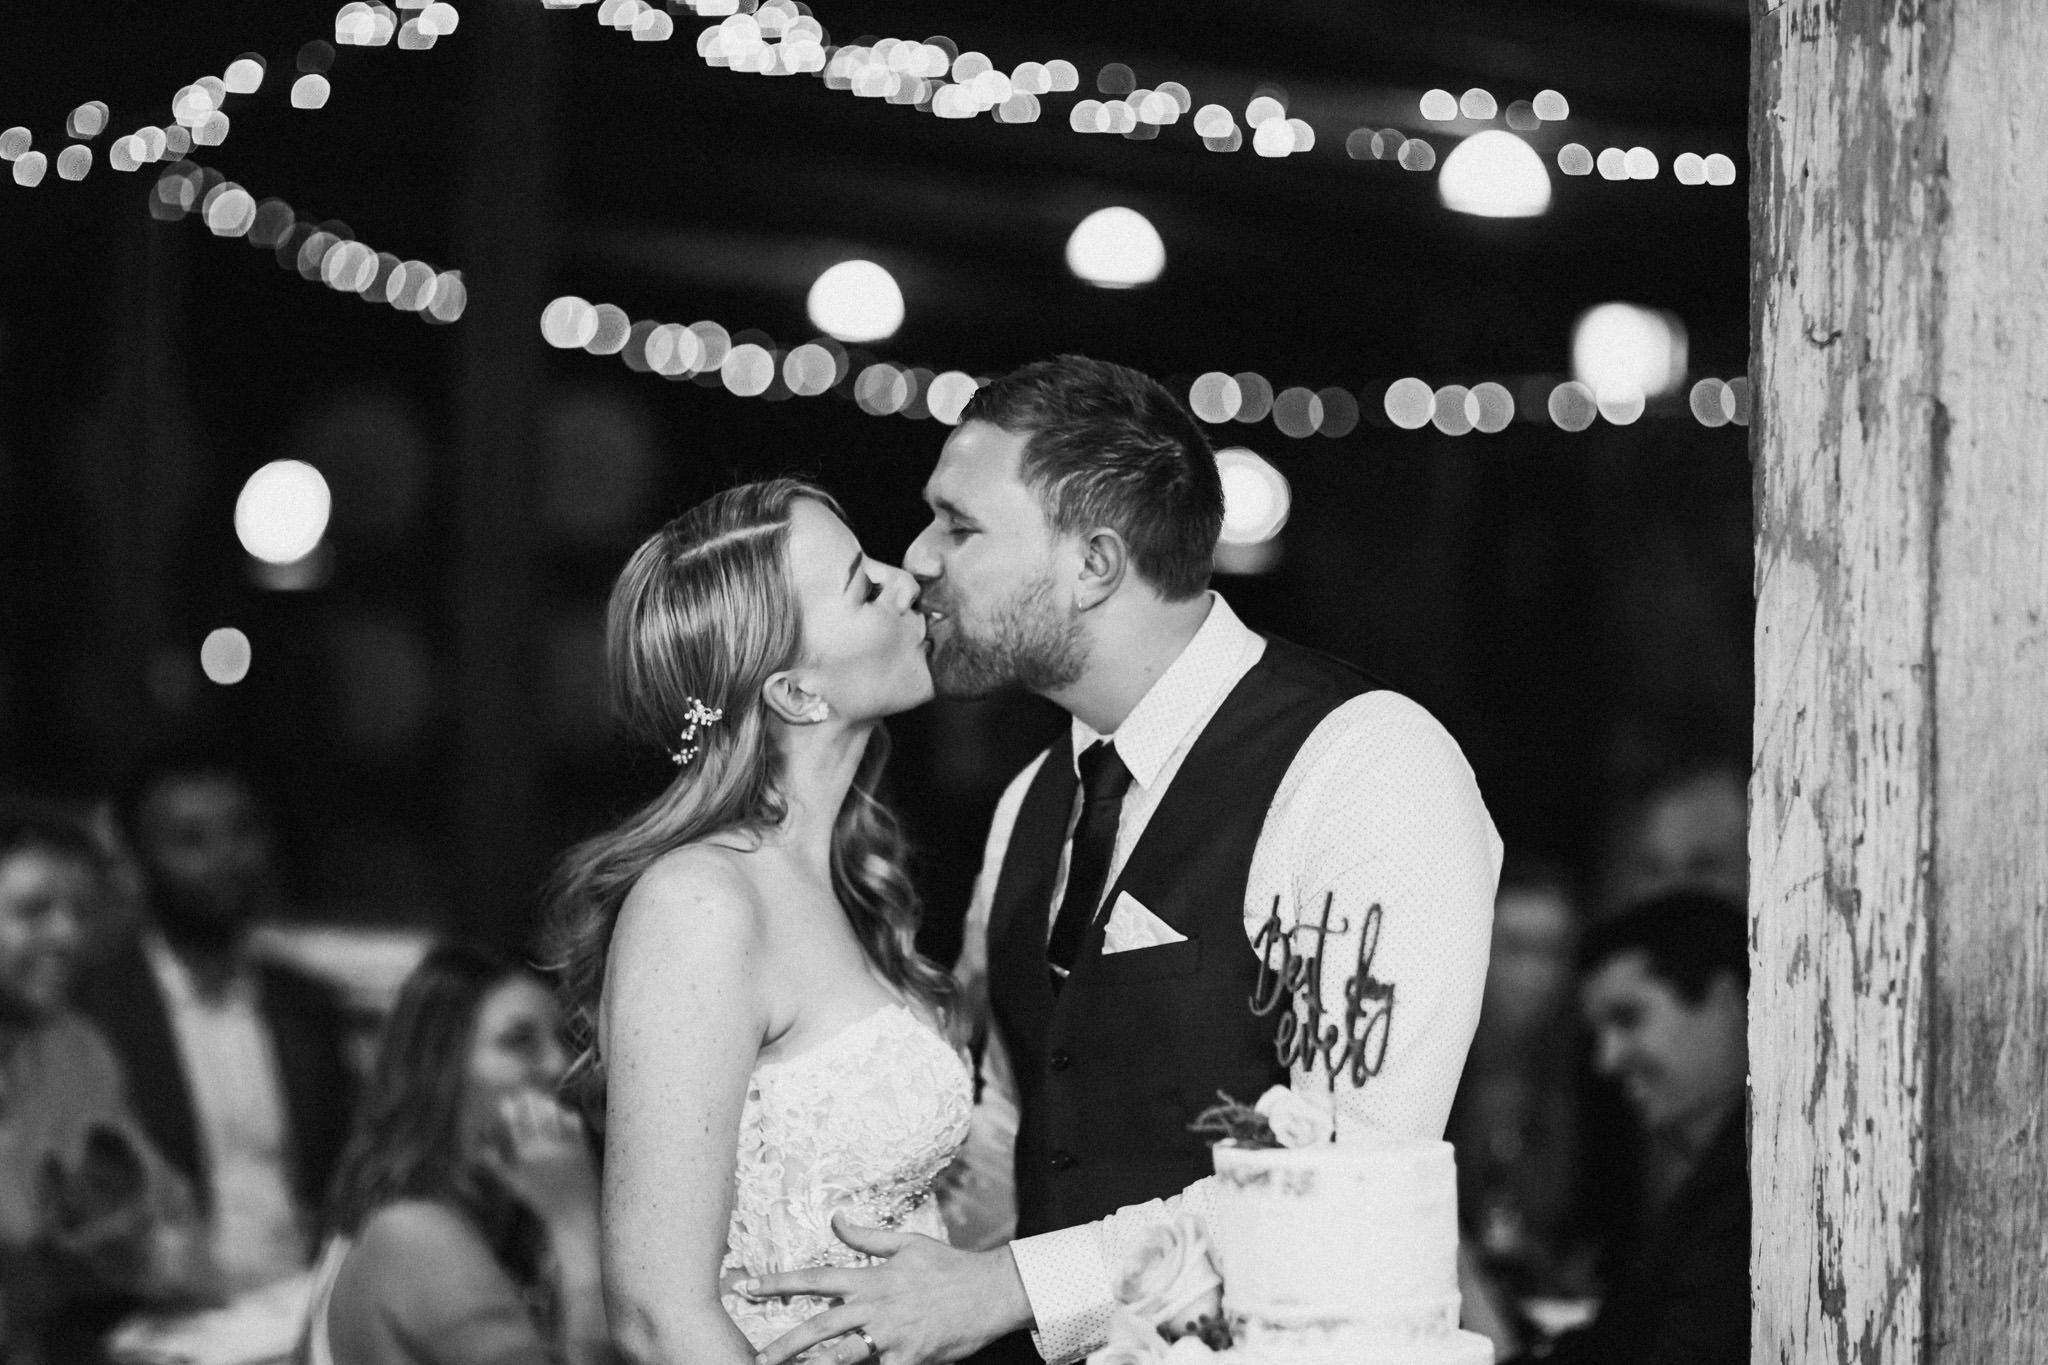 WeddingPhotos_Facebook_2048pixels-1146.jpg